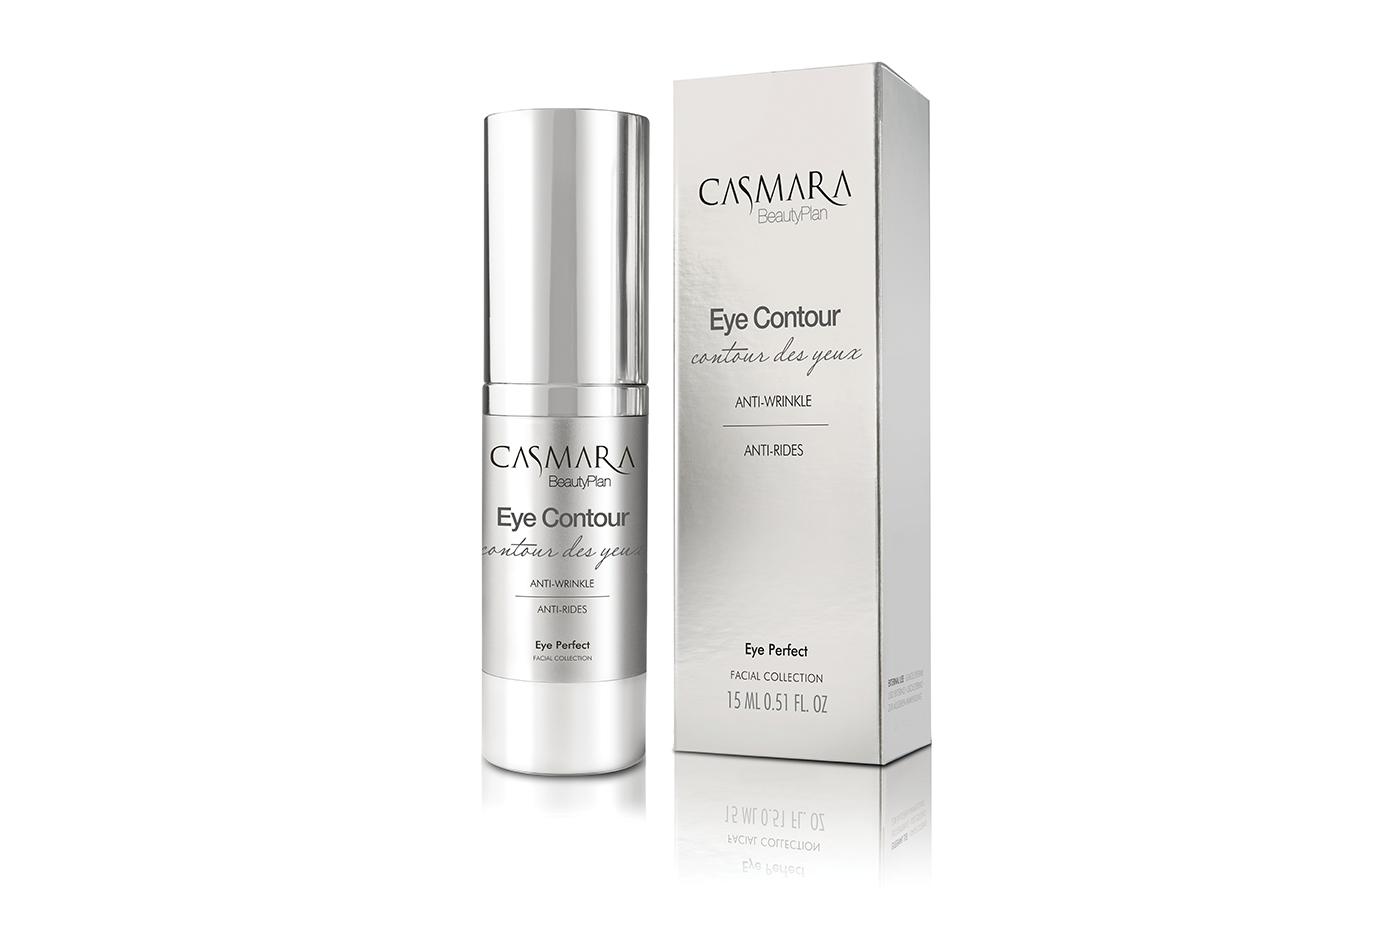 Casmara's formula for healthy eyes